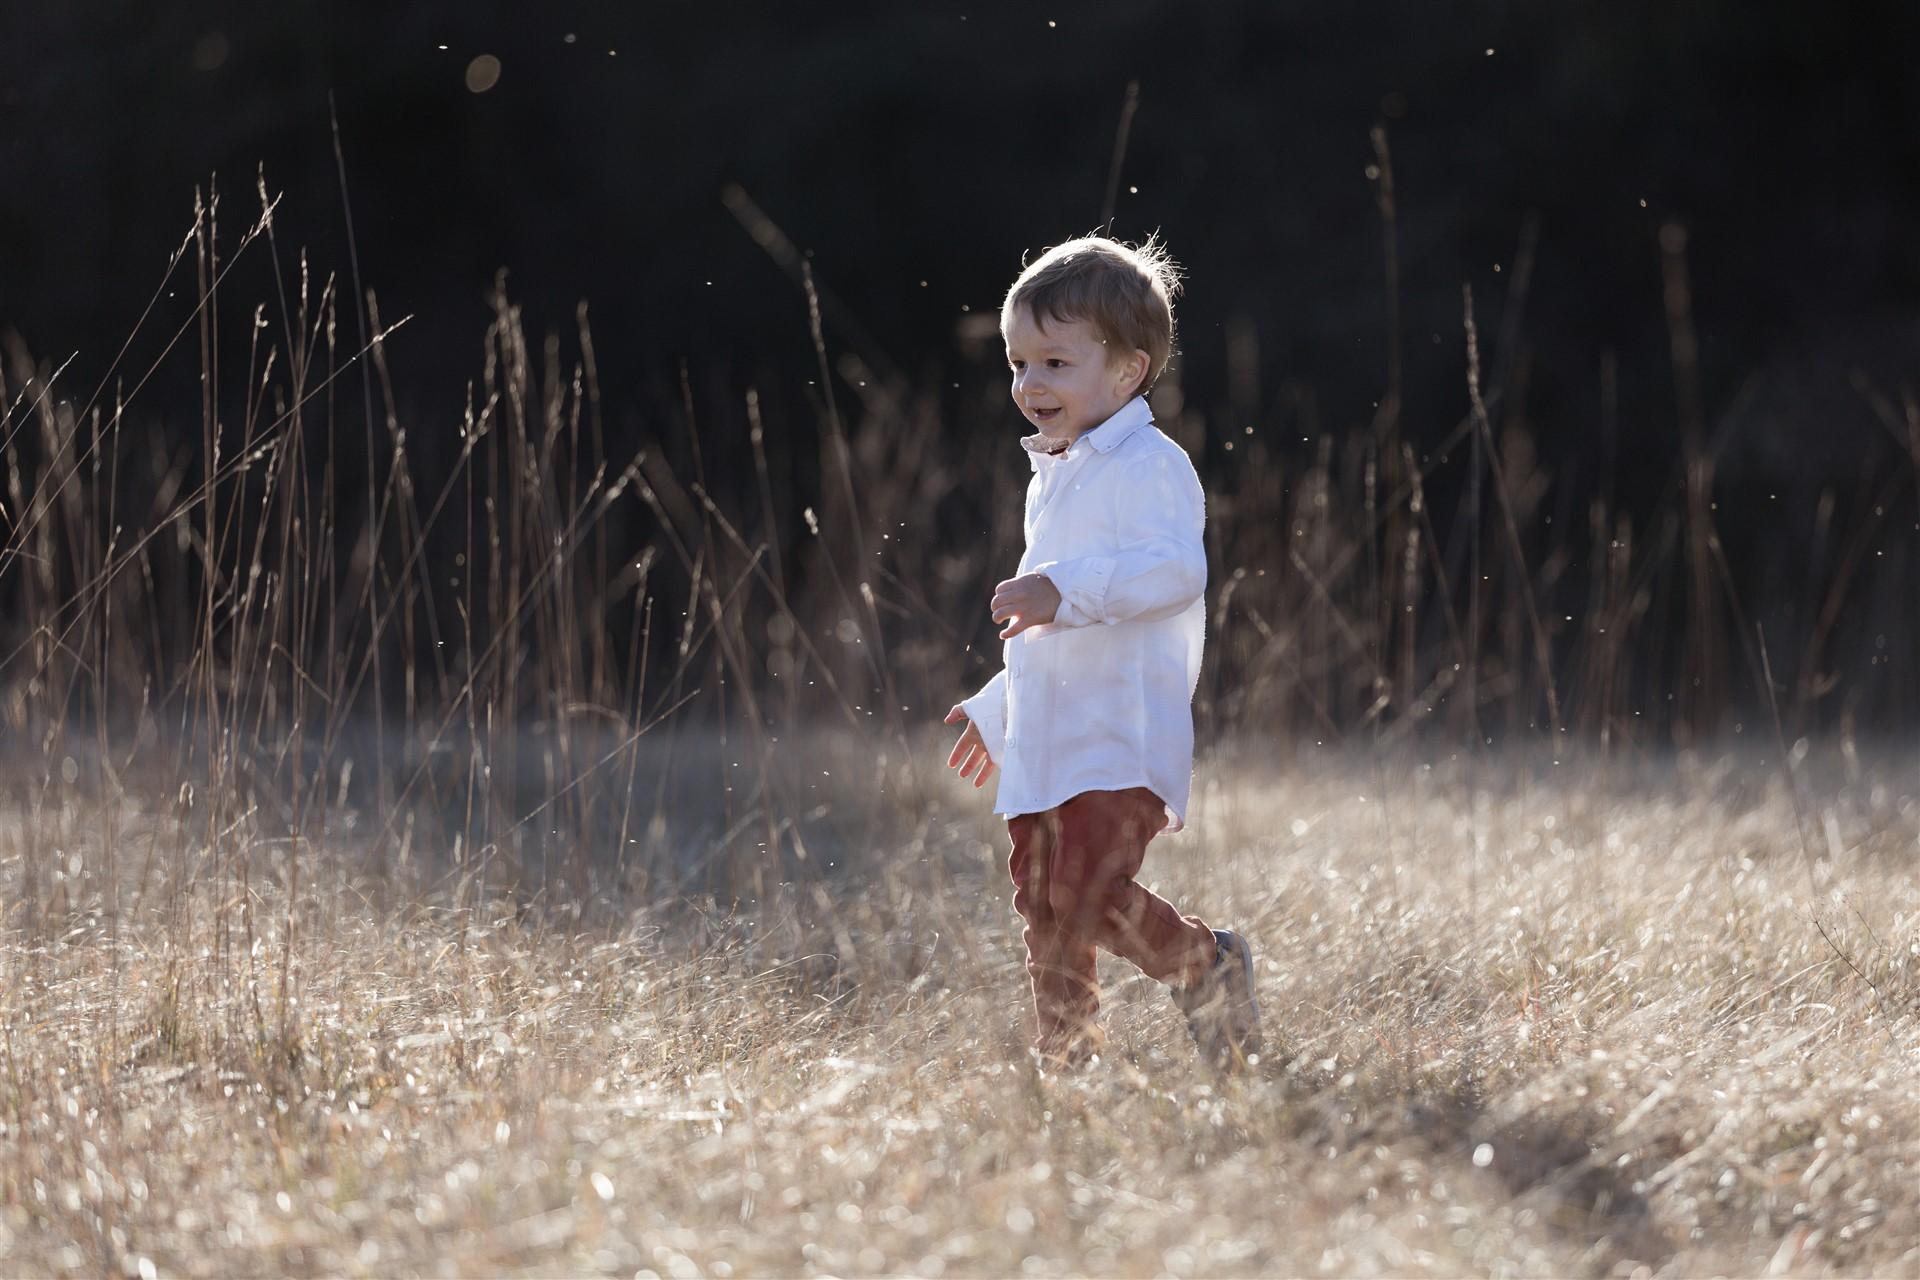 Der süsse kleine Junge beim Fotoshooting in der Natur